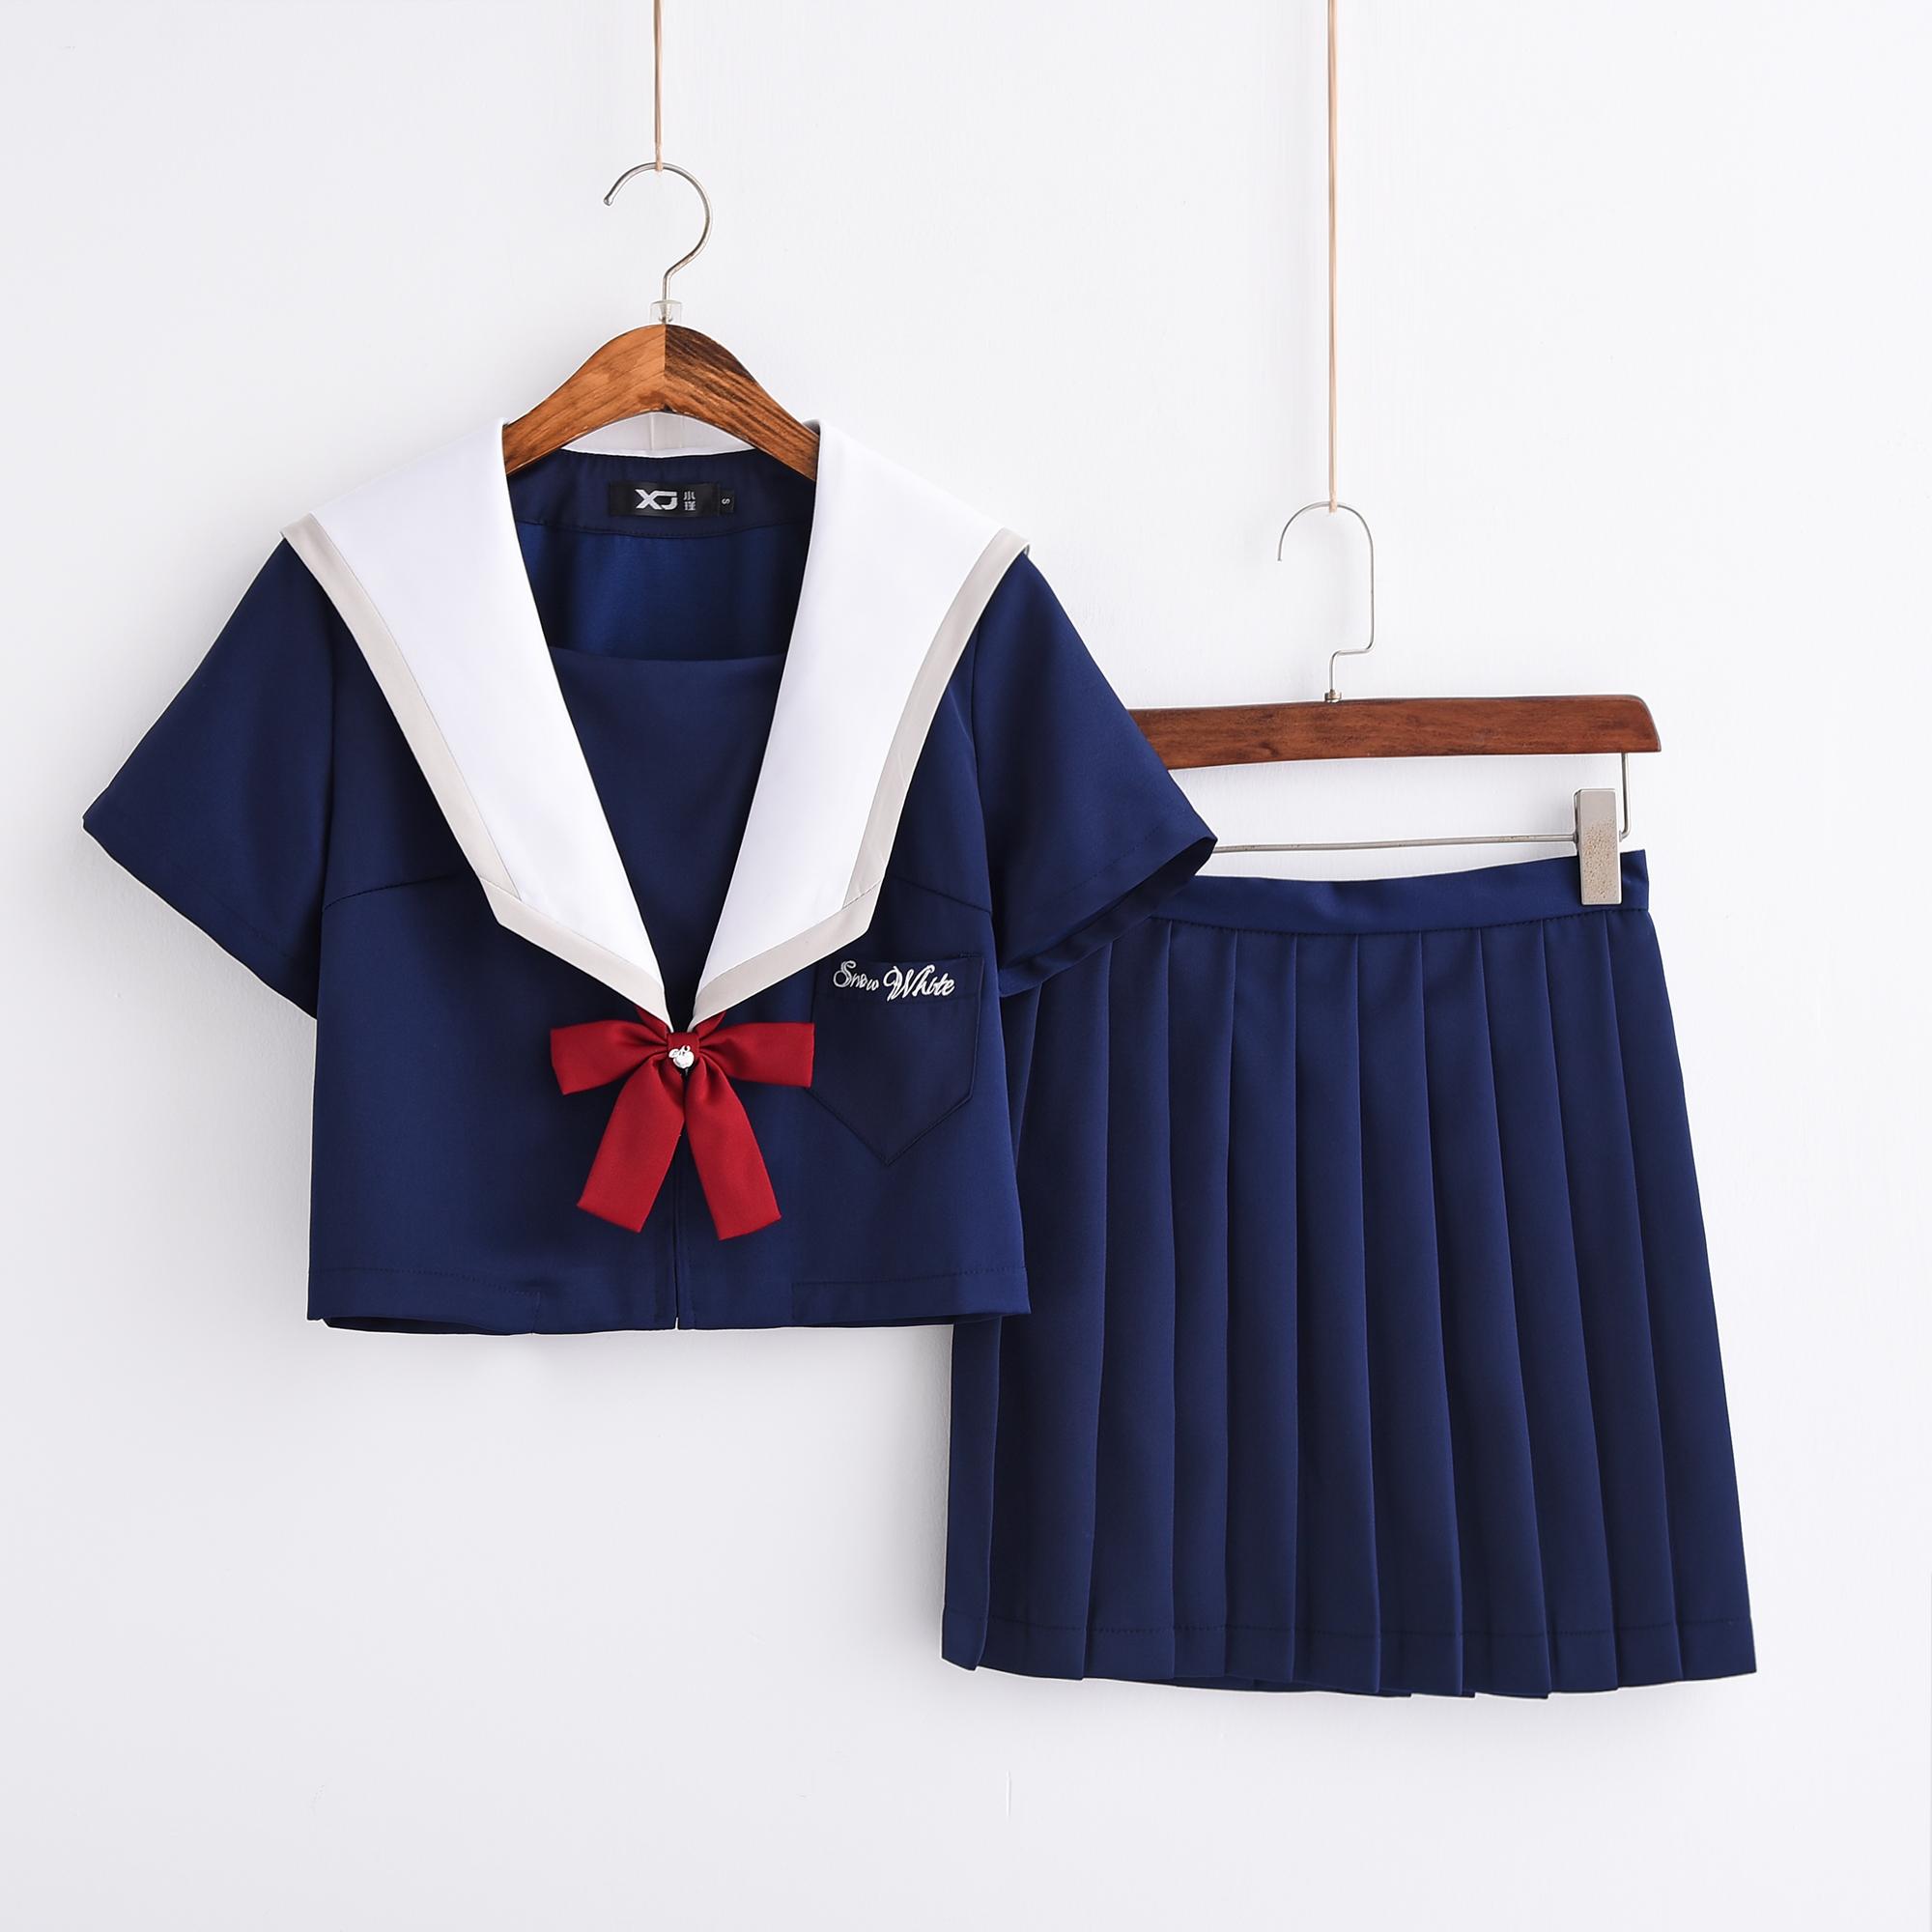 白雪姬正统日系短袖水手服jk制服软妹中间服班服秋季学院风套装